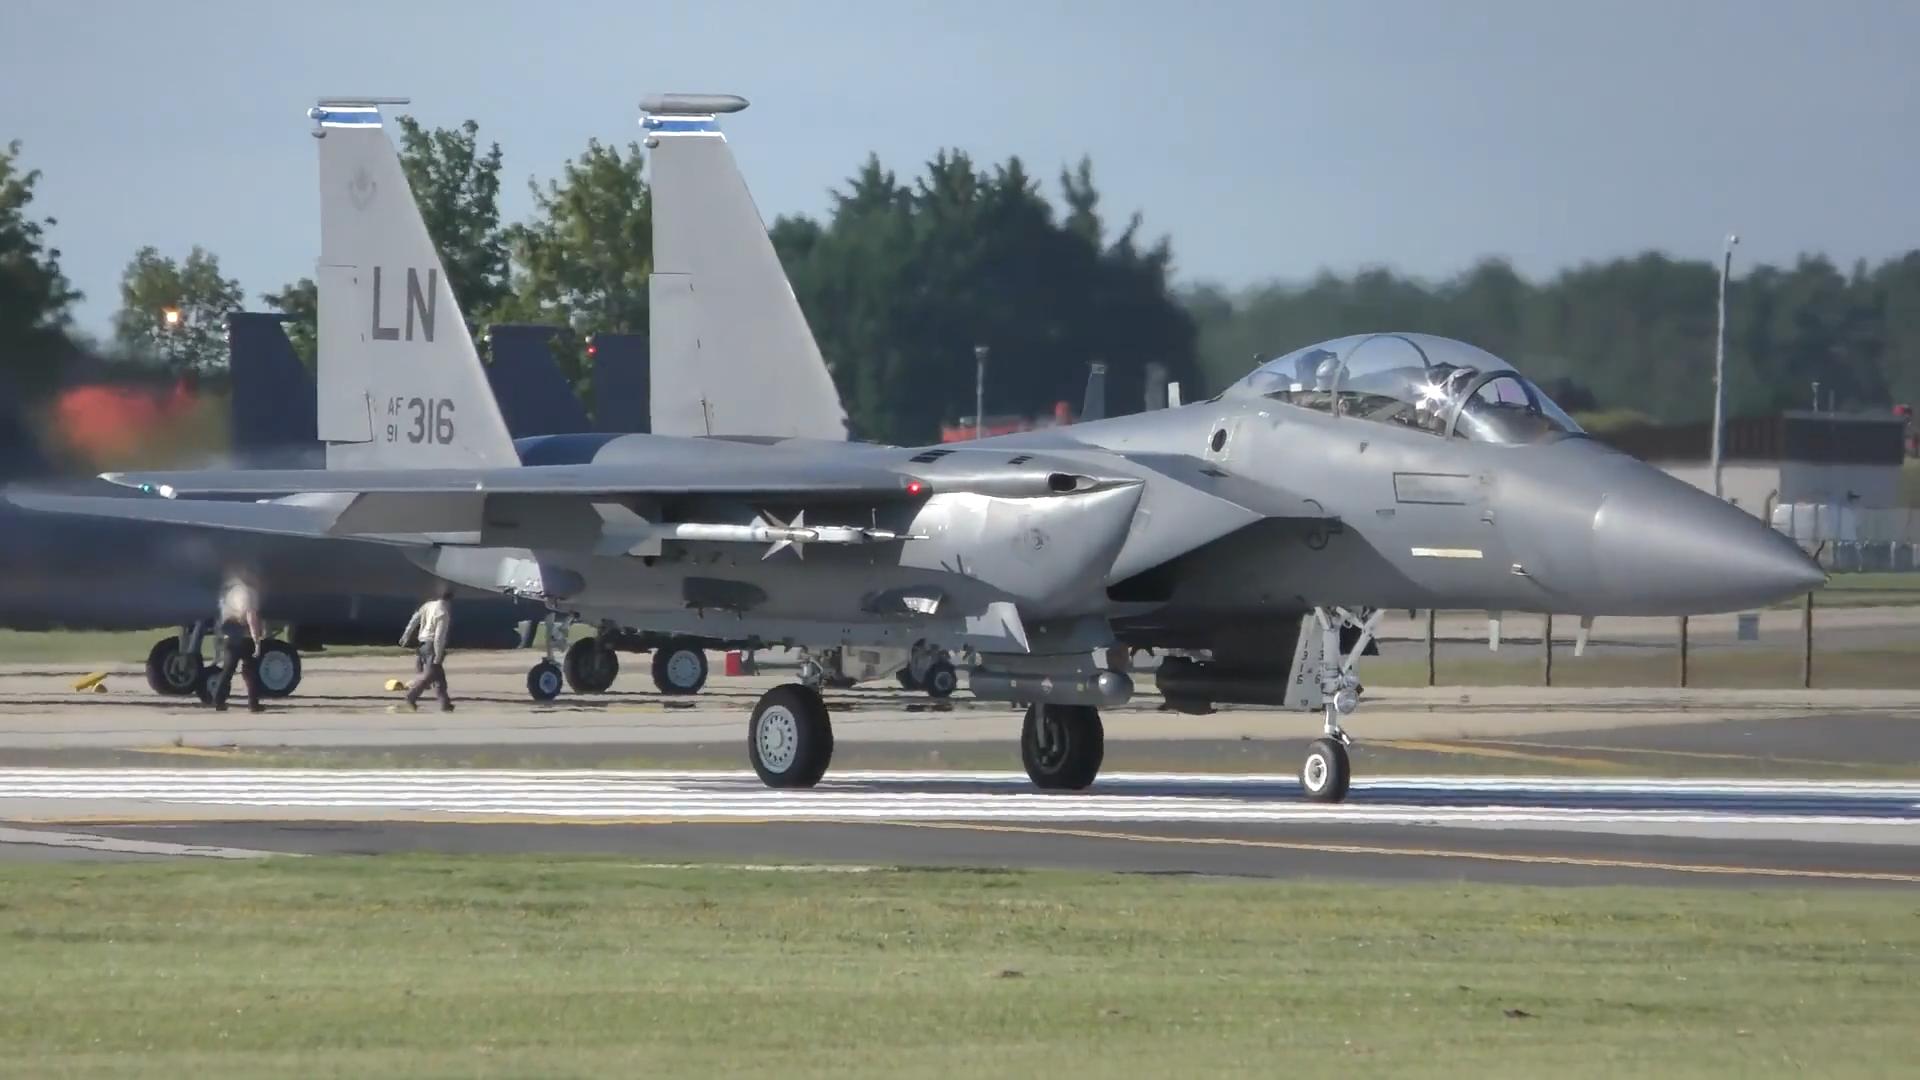 兰肯希斯空军基地,F-15战斗机群密集起飞!